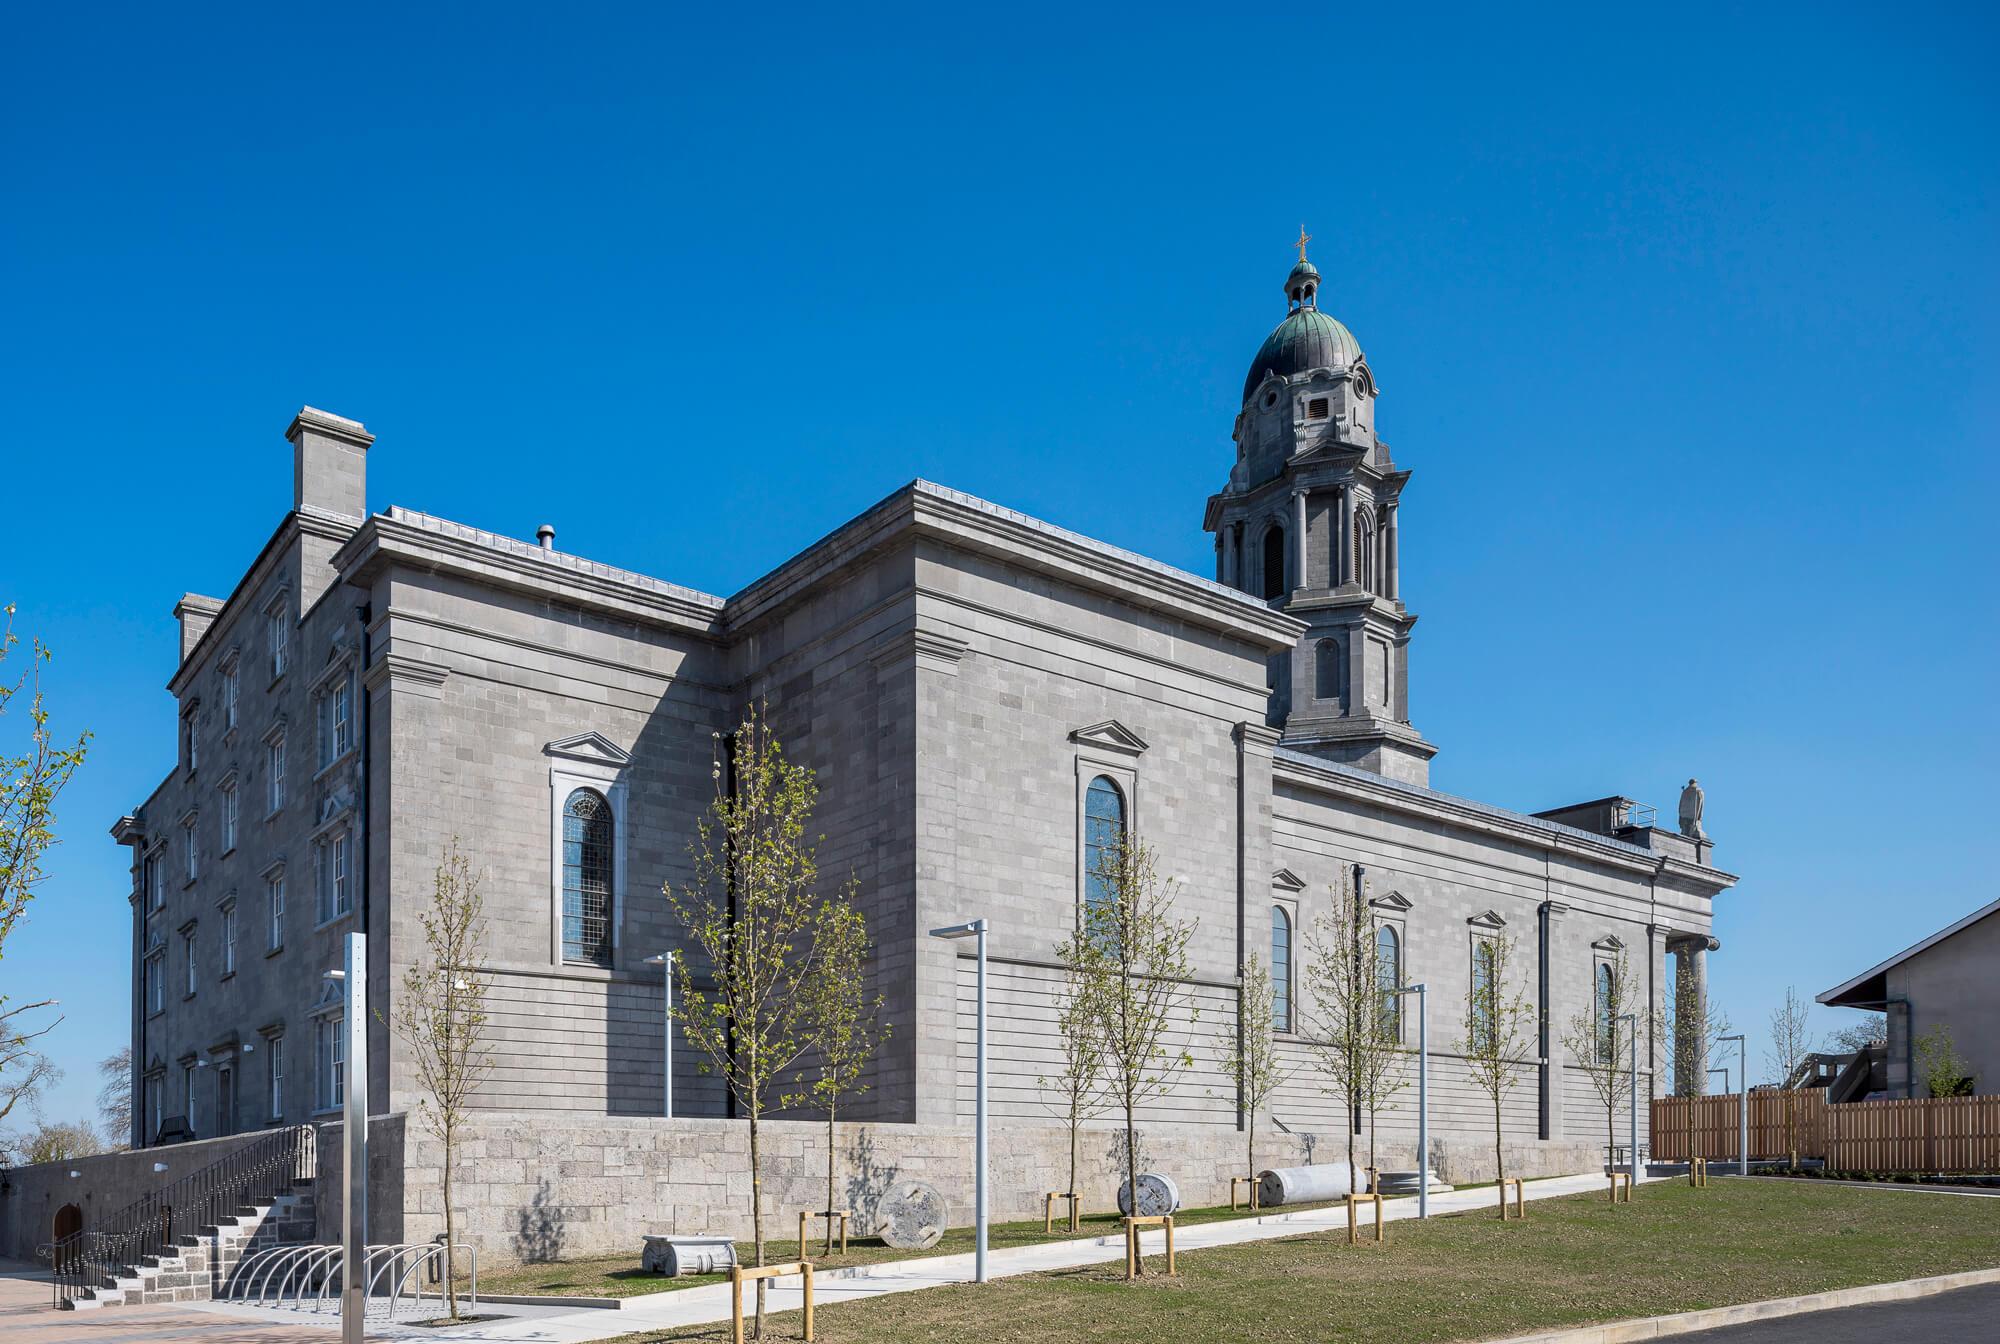 Restoration of St Mels Cathedral (2011 - 2013)